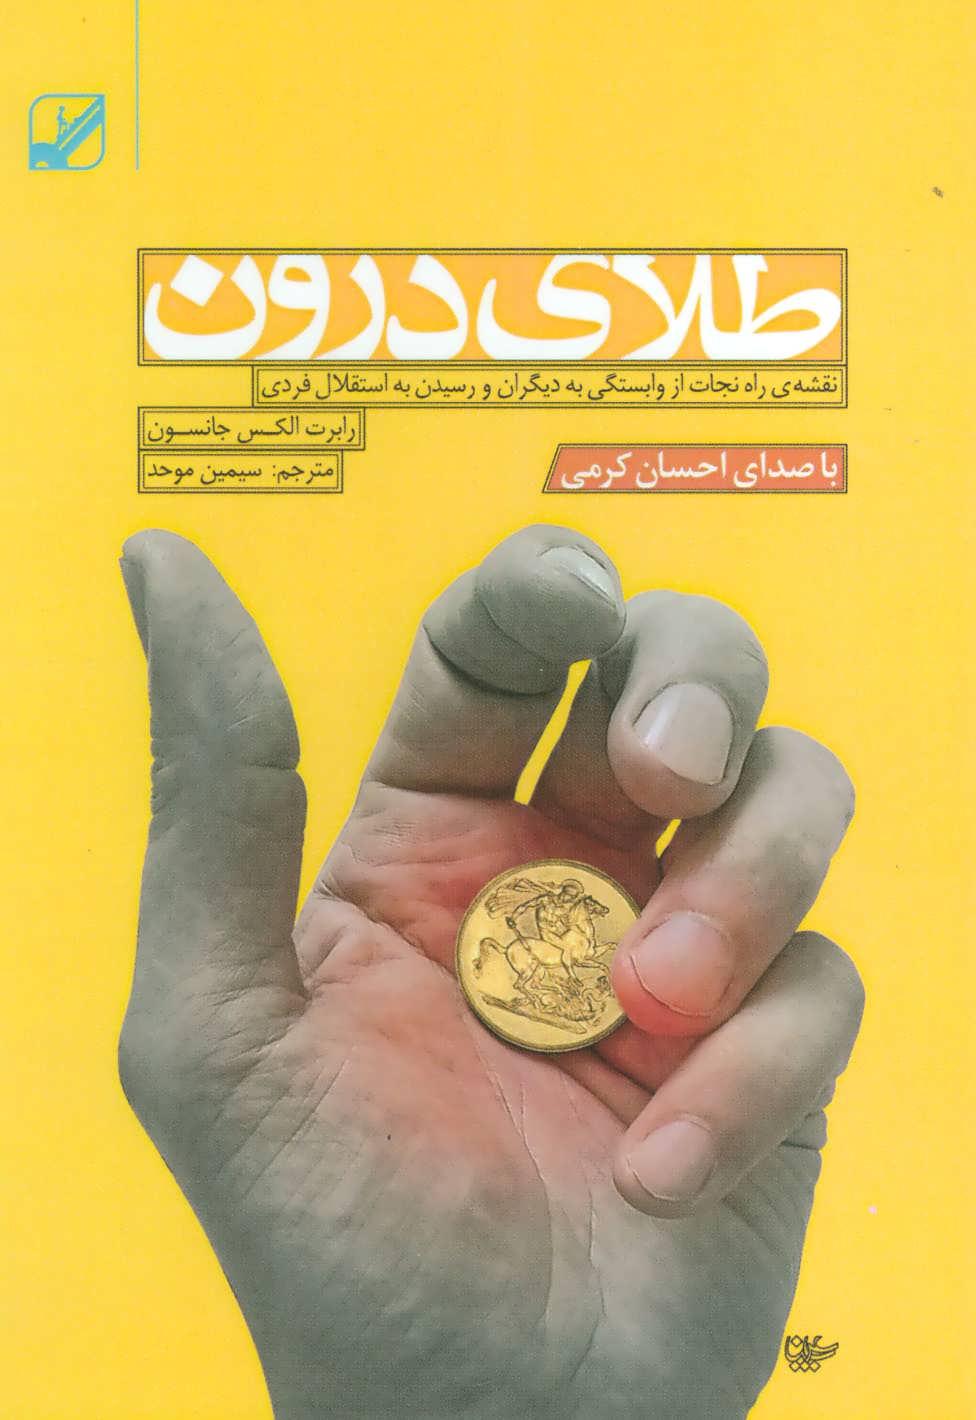 کتاب سخنگو طلای درون (نقشه ی راه نجات از وابستگی به دیگران و رسیدن به استقلال فردی)،(باقاب)